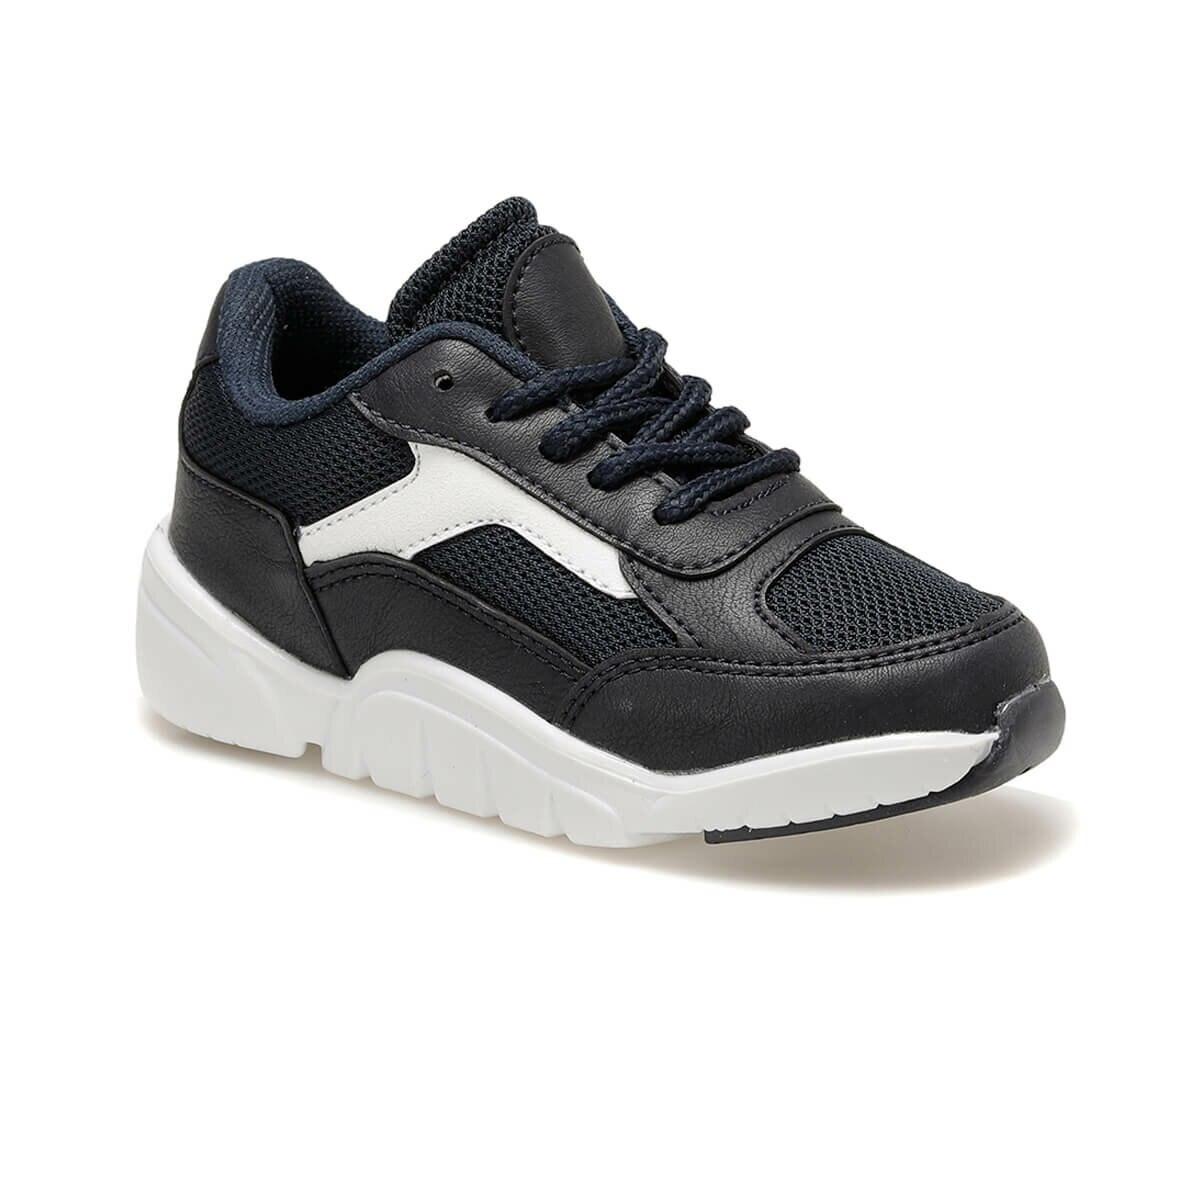 FLO 92.511869.P Navy Blue Male Child Sports Shoes Polaris